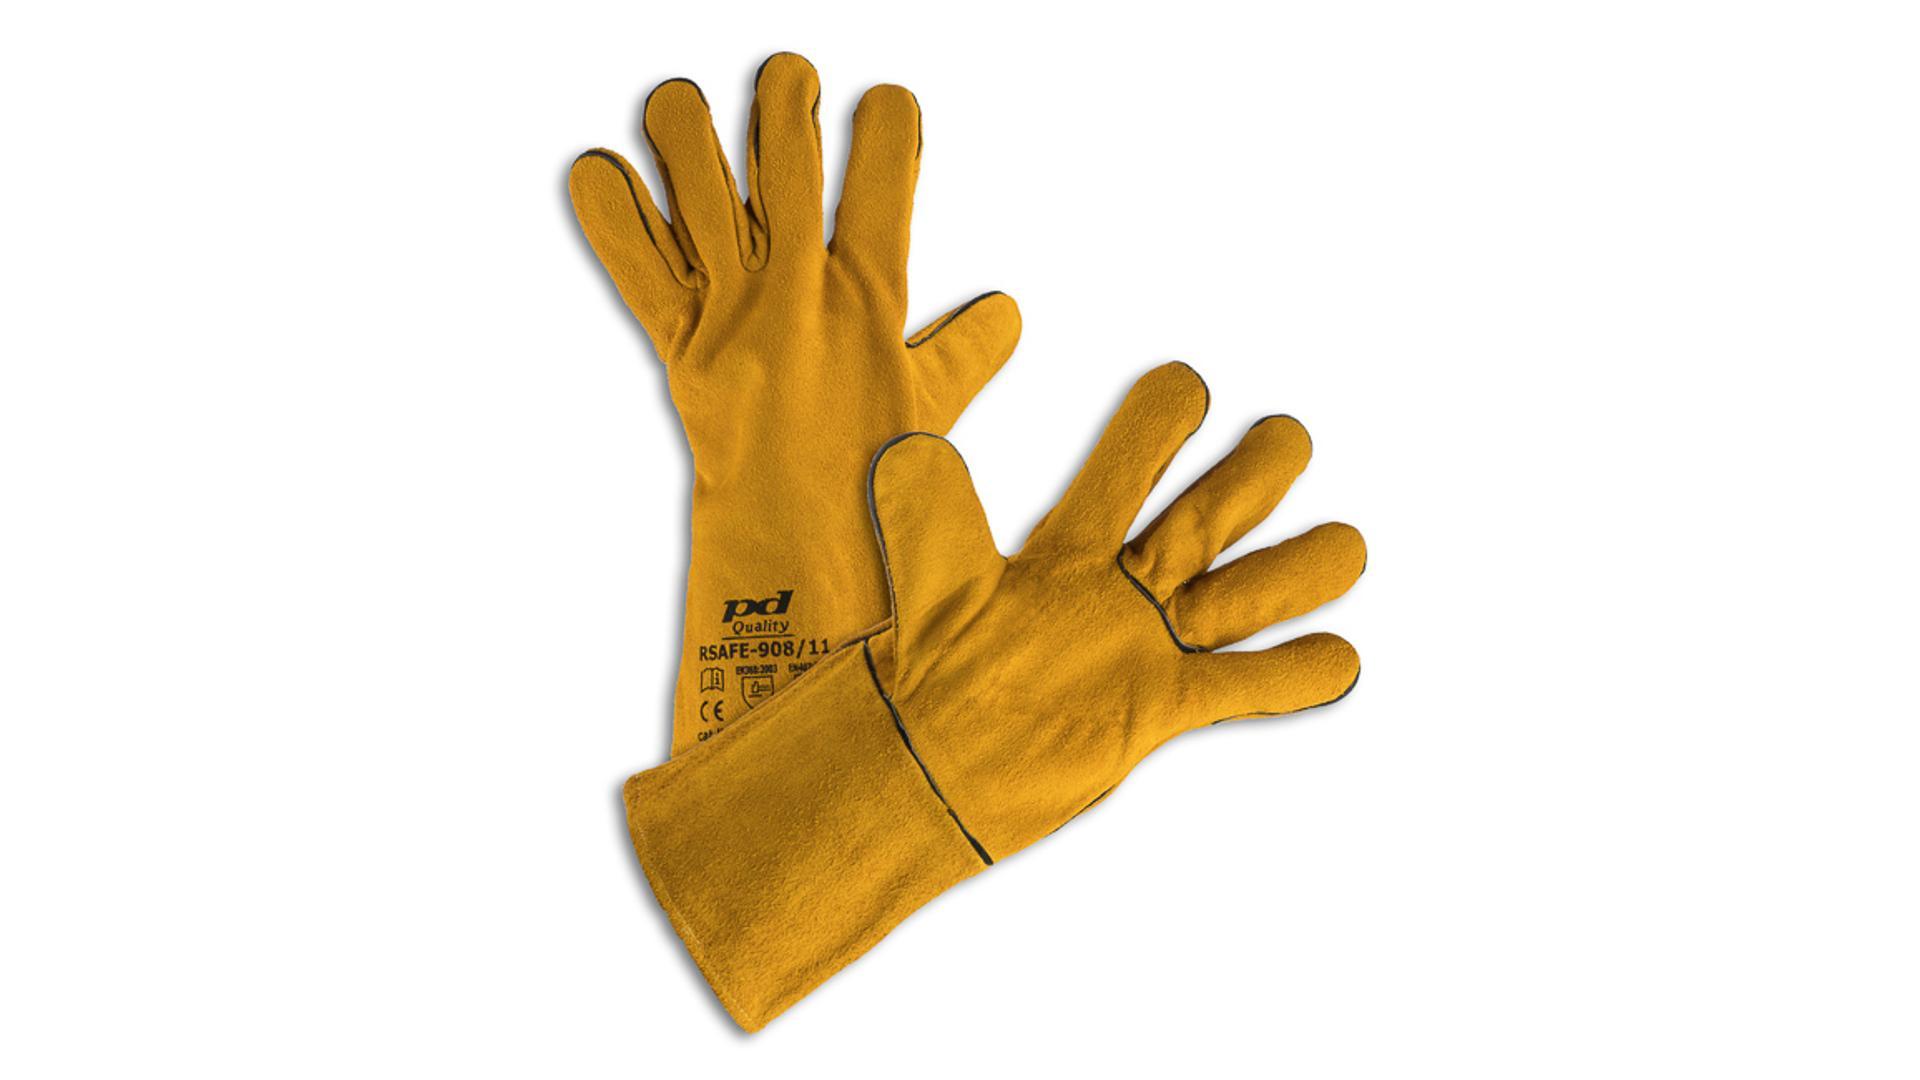 RSAFE-98/11 Svařovací rukavice žluté